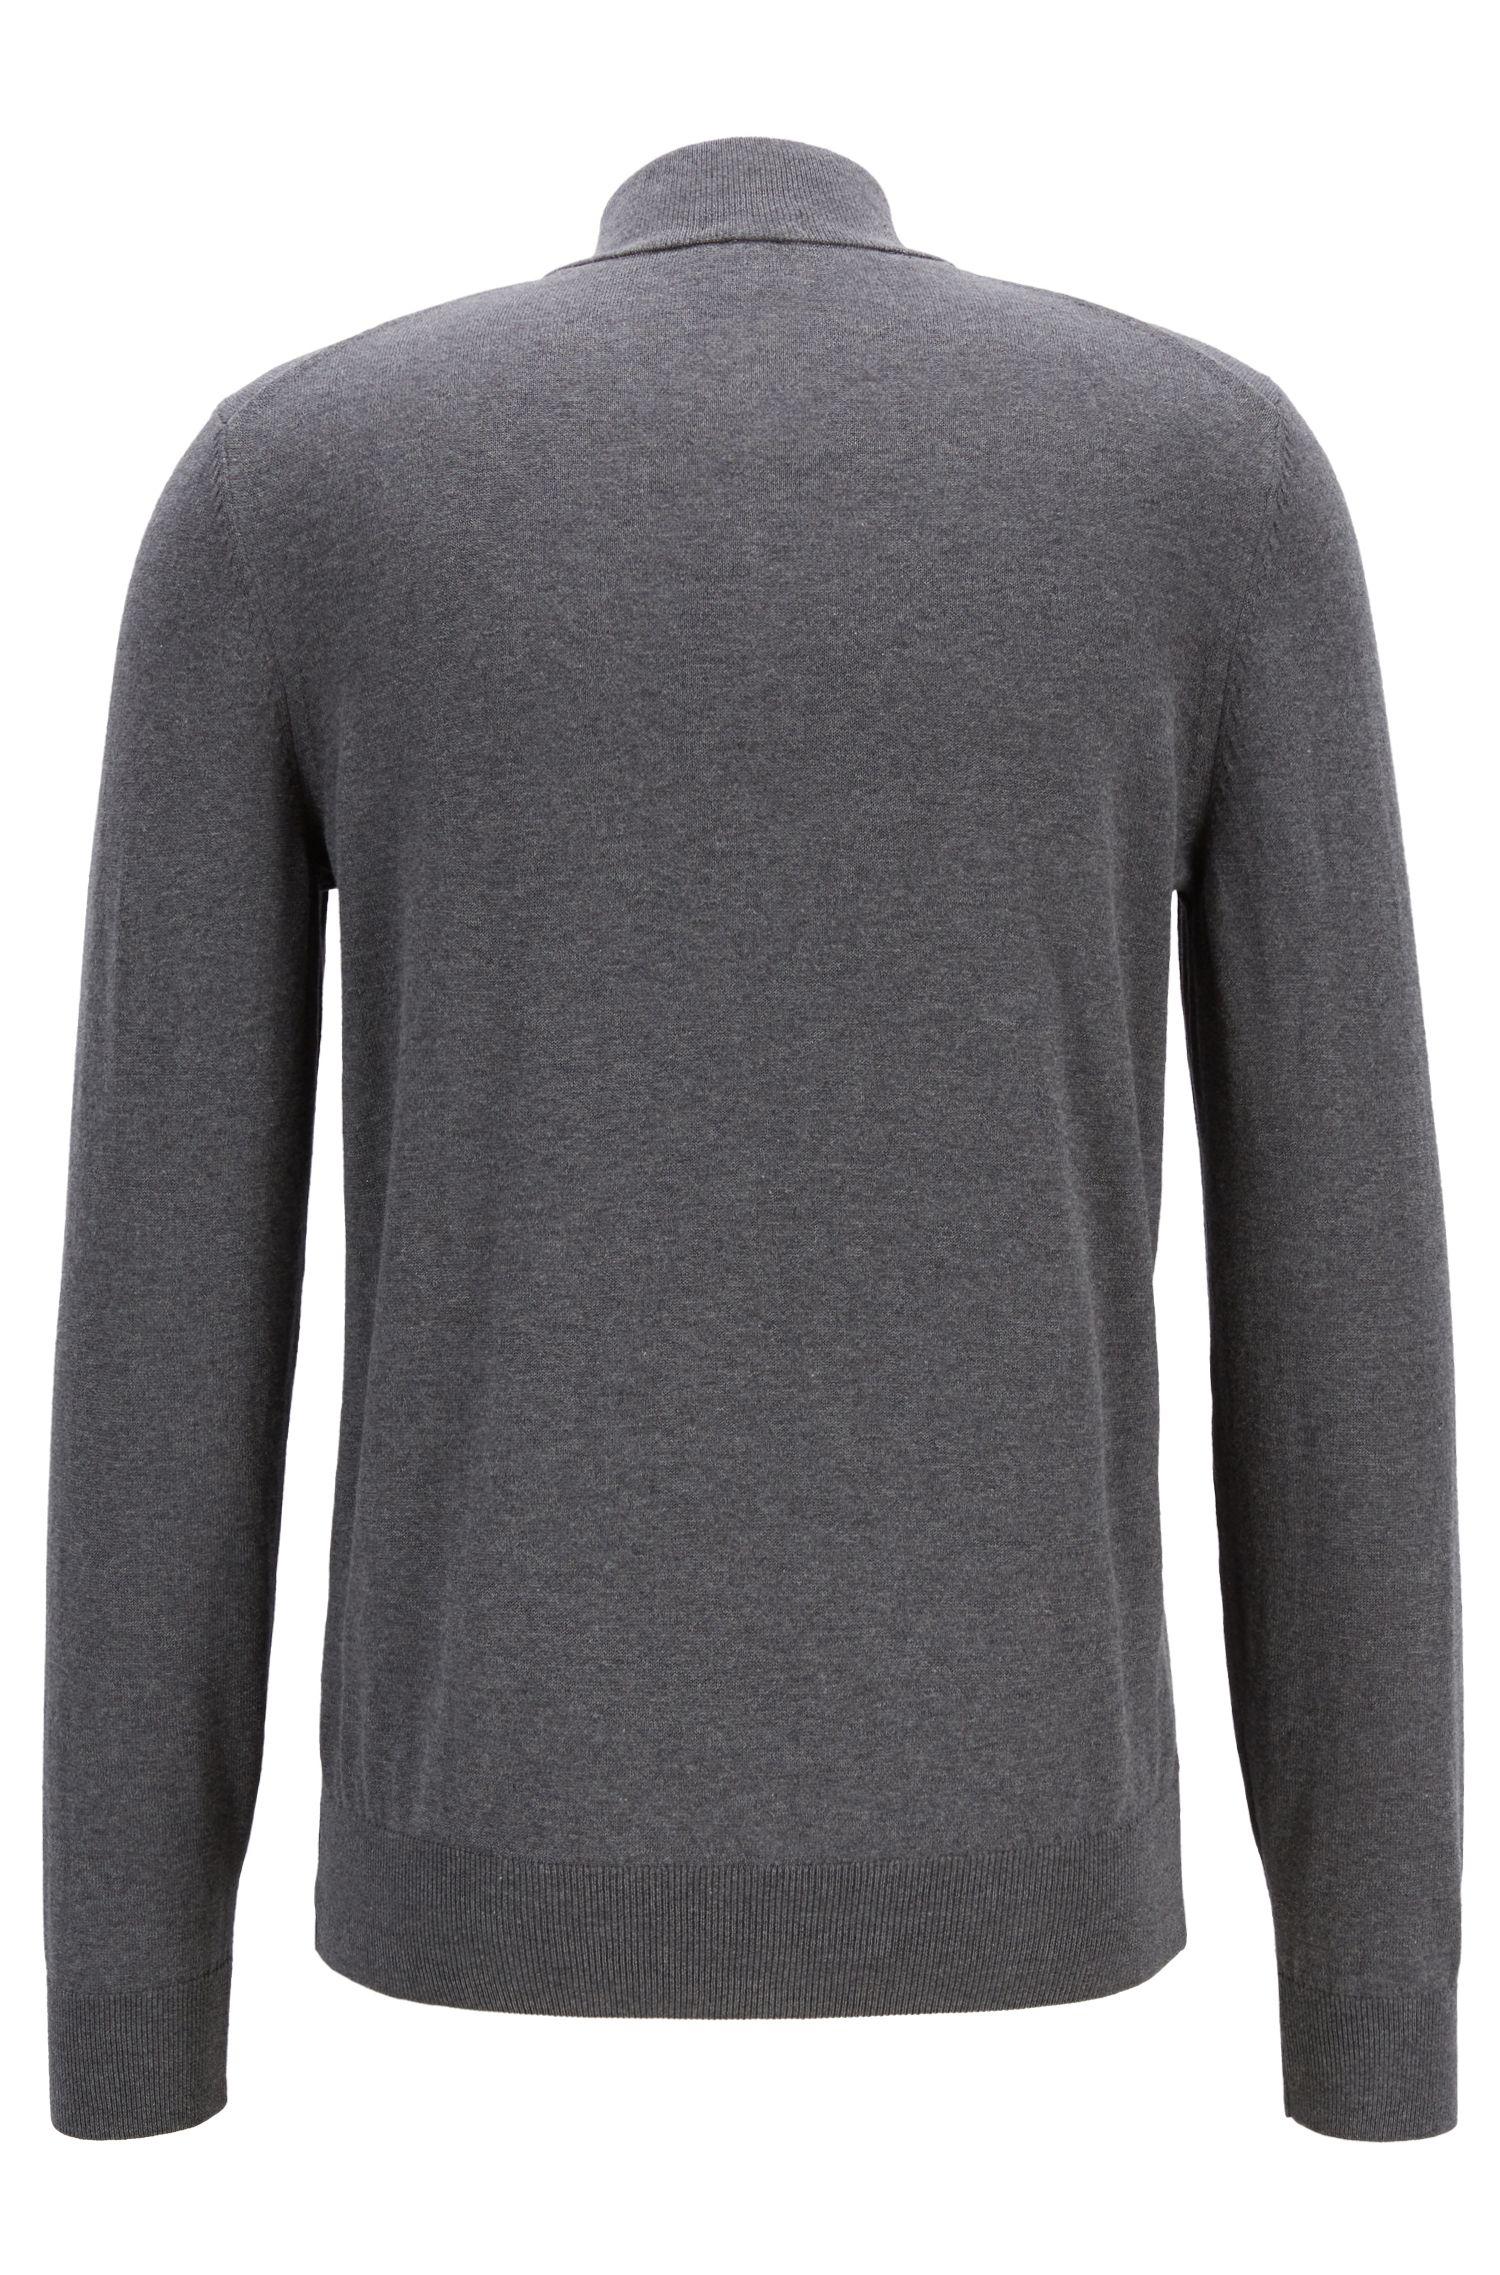 Pullover aus Single Jersey mit Troyerkragen, Grau